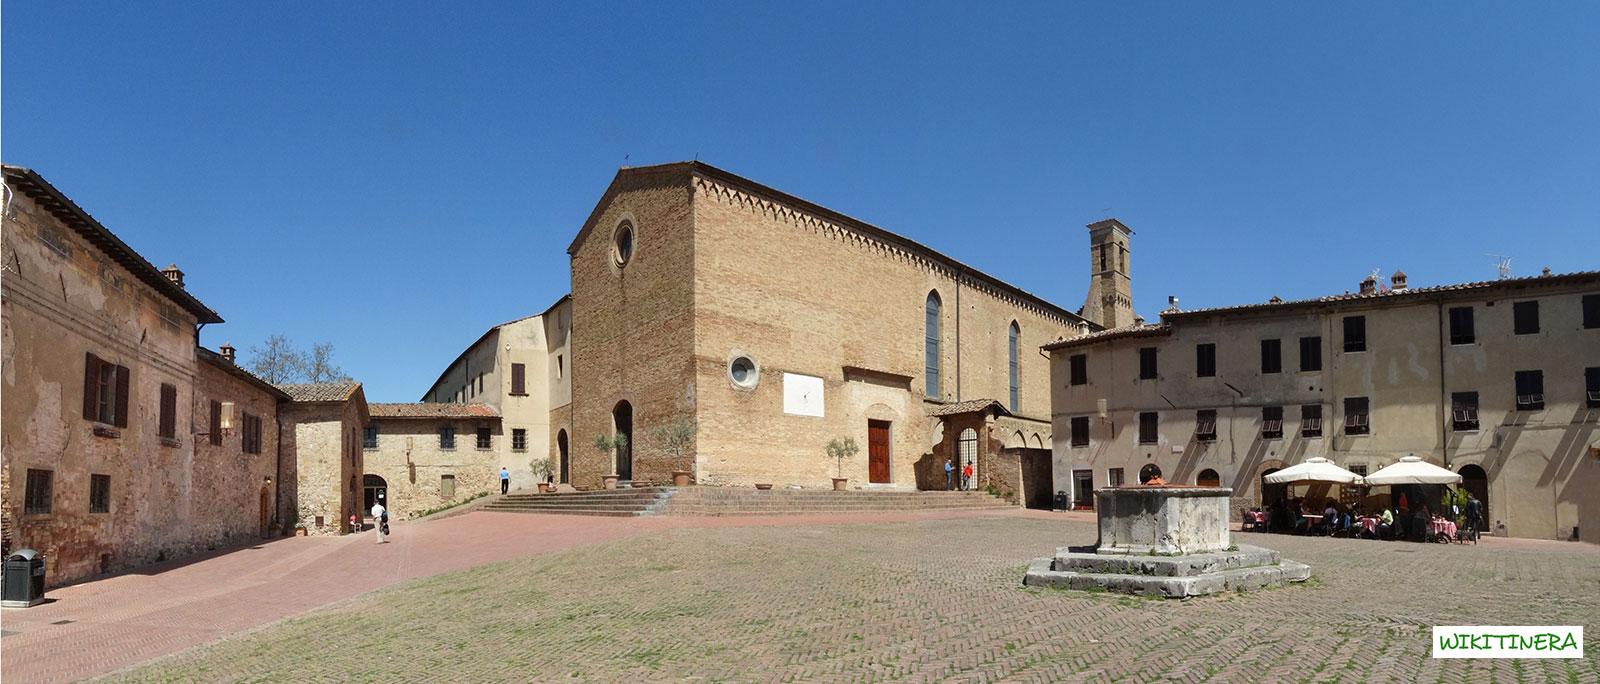 Piazza Sant Agostino